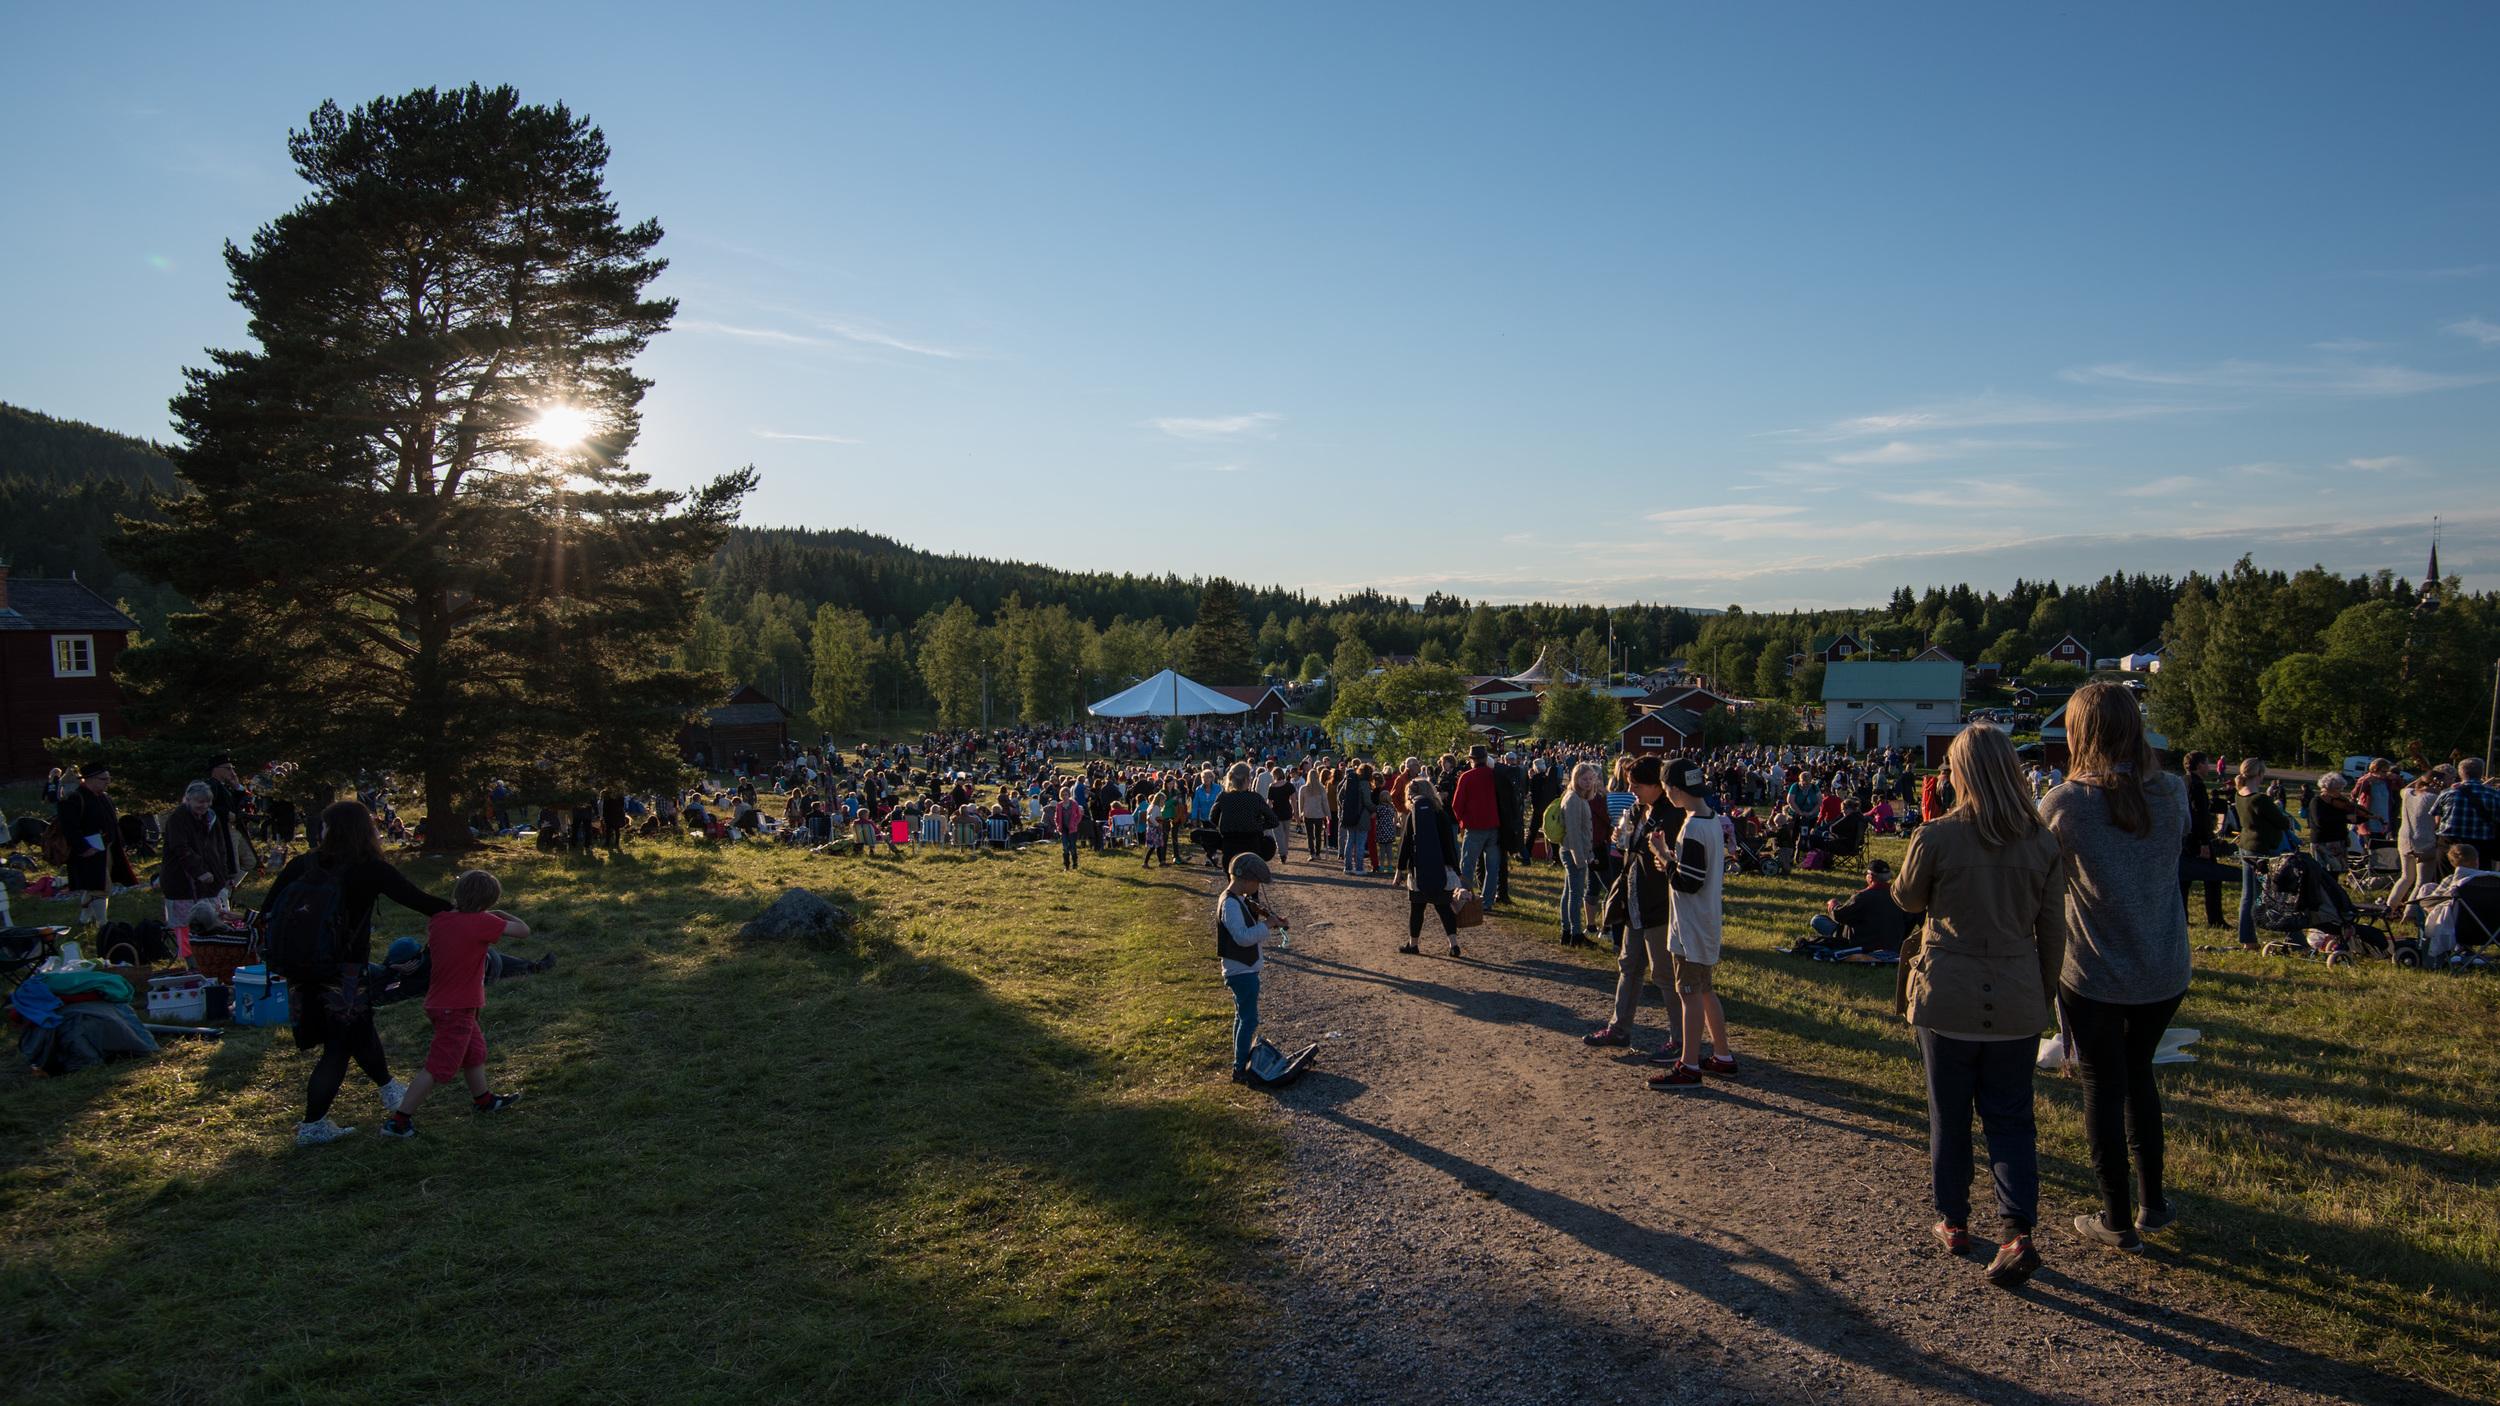 Byn i Rättviks finnmark blir folkmusiksveriges mittpunkt ett par dagar i juli. Foto: Hans Olander